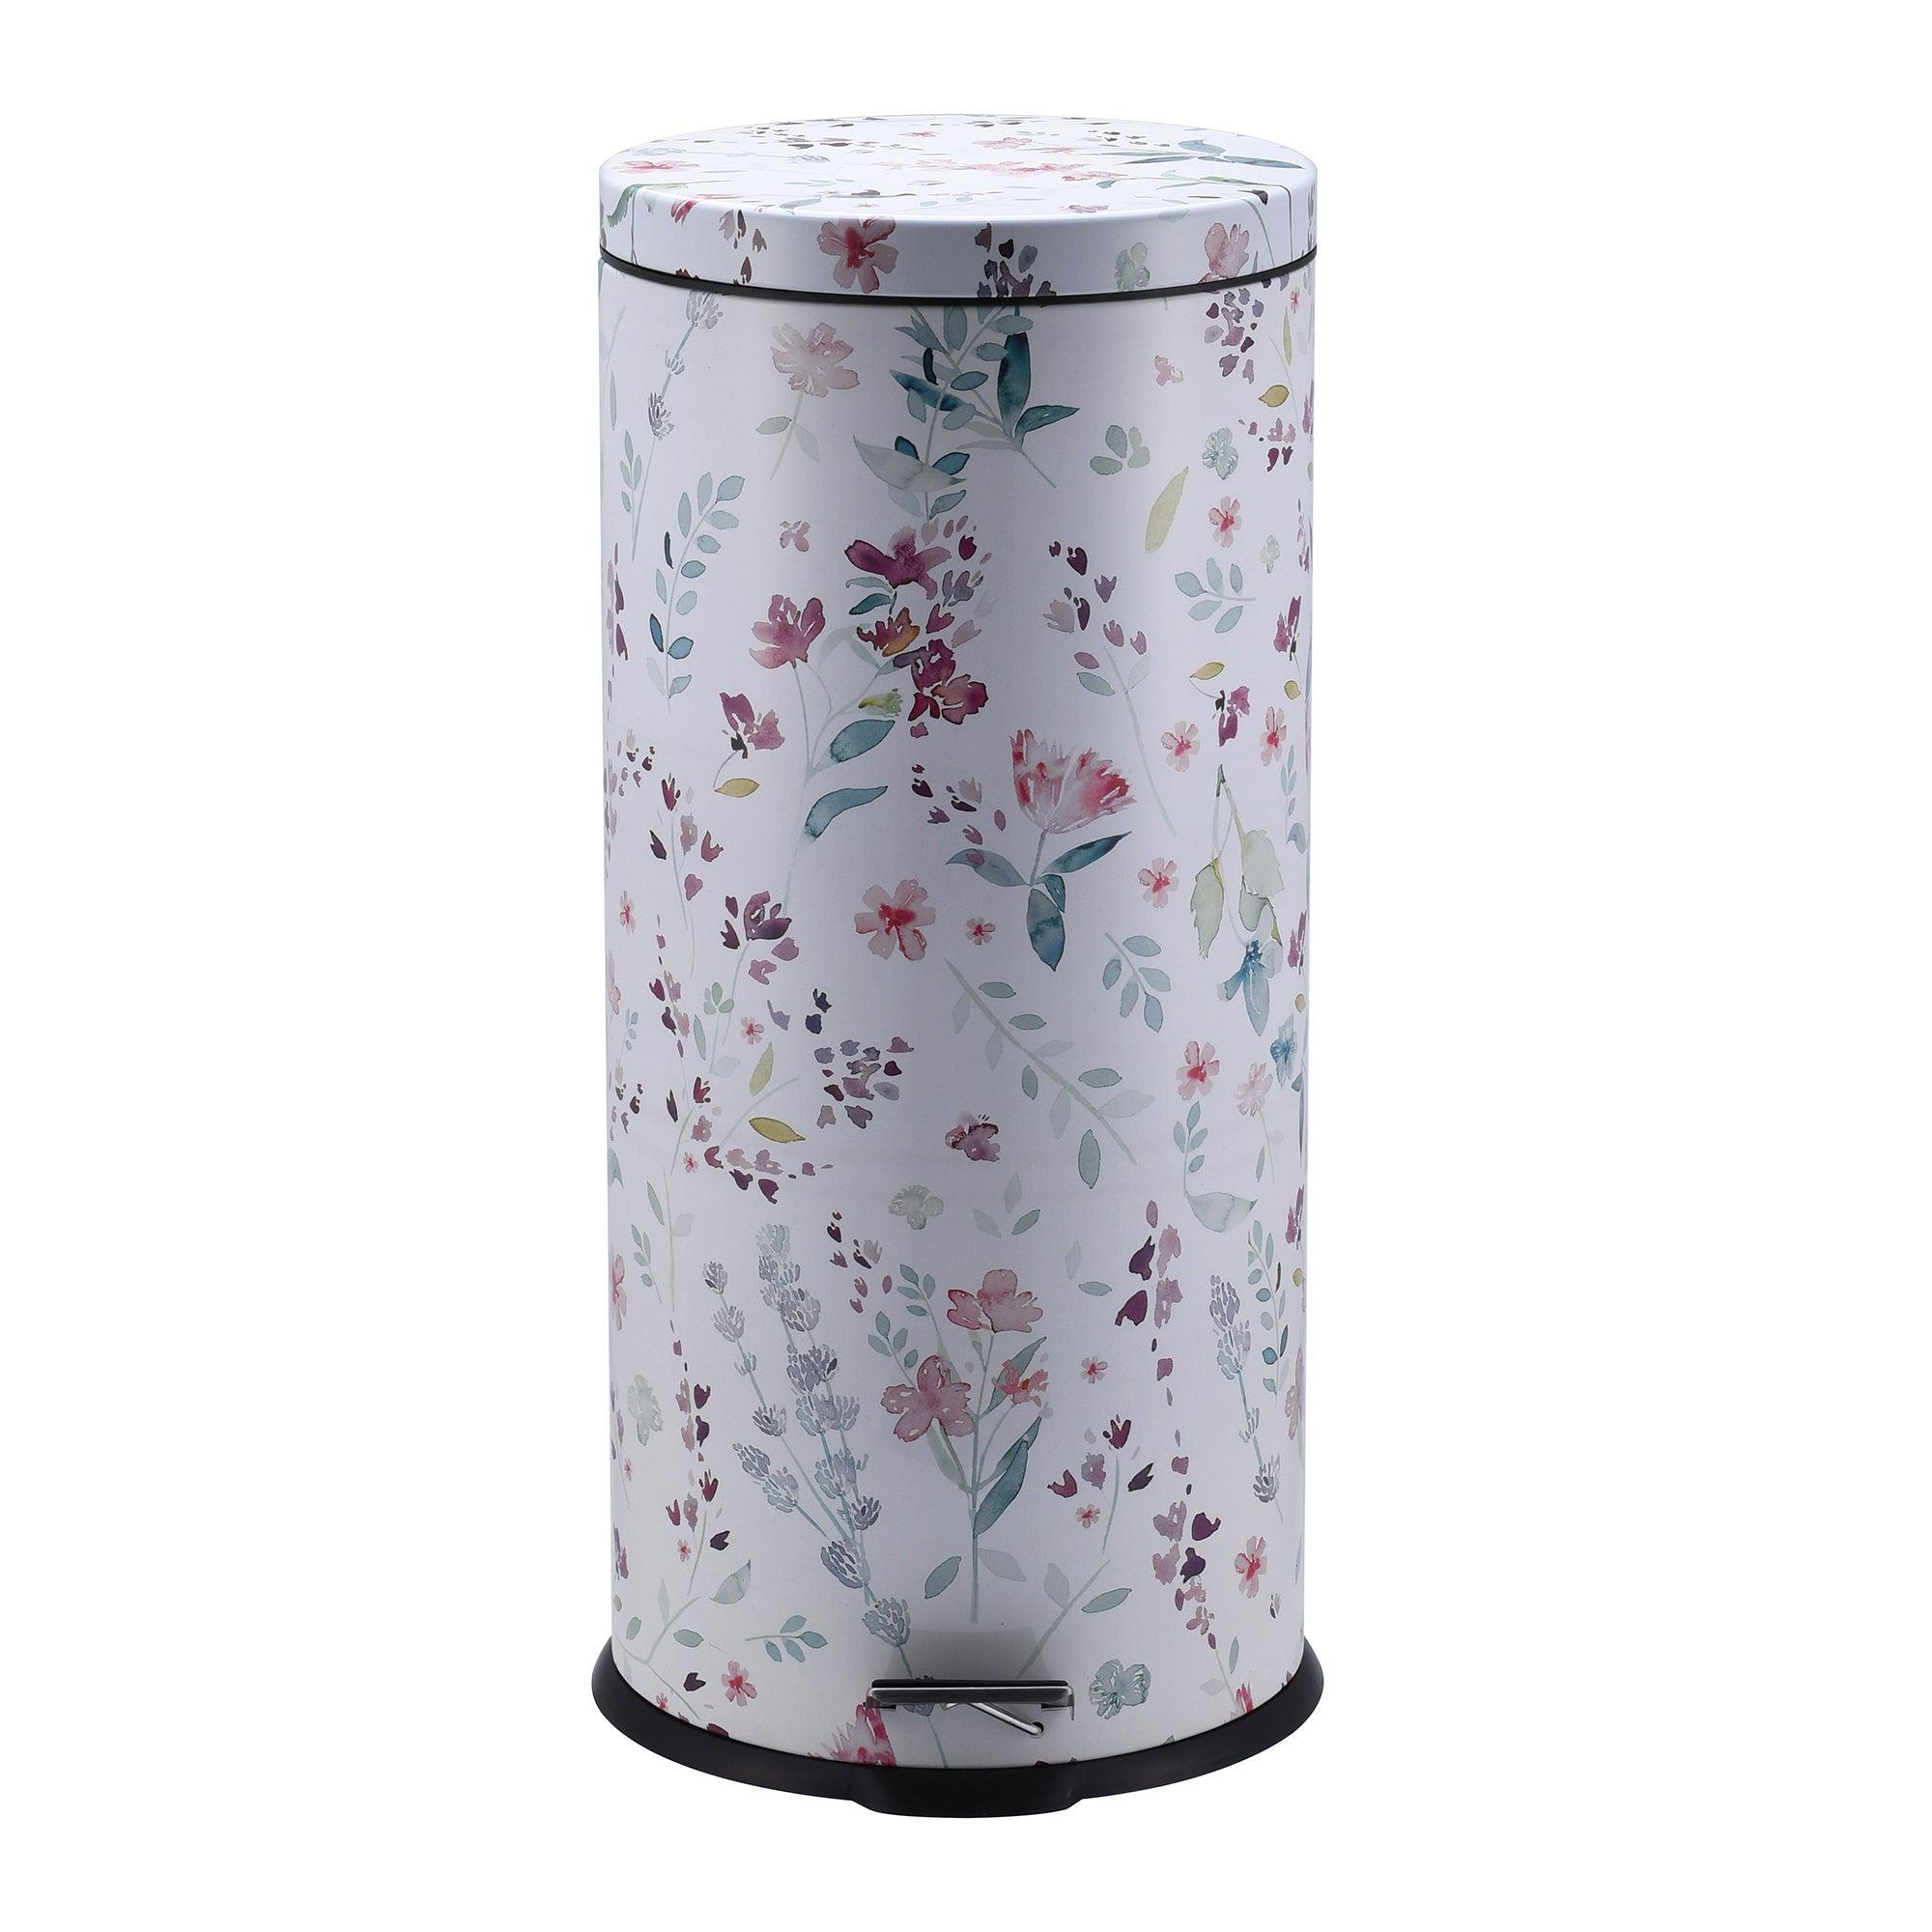 Image of 30 Litre Floral Pedal Bin Teal